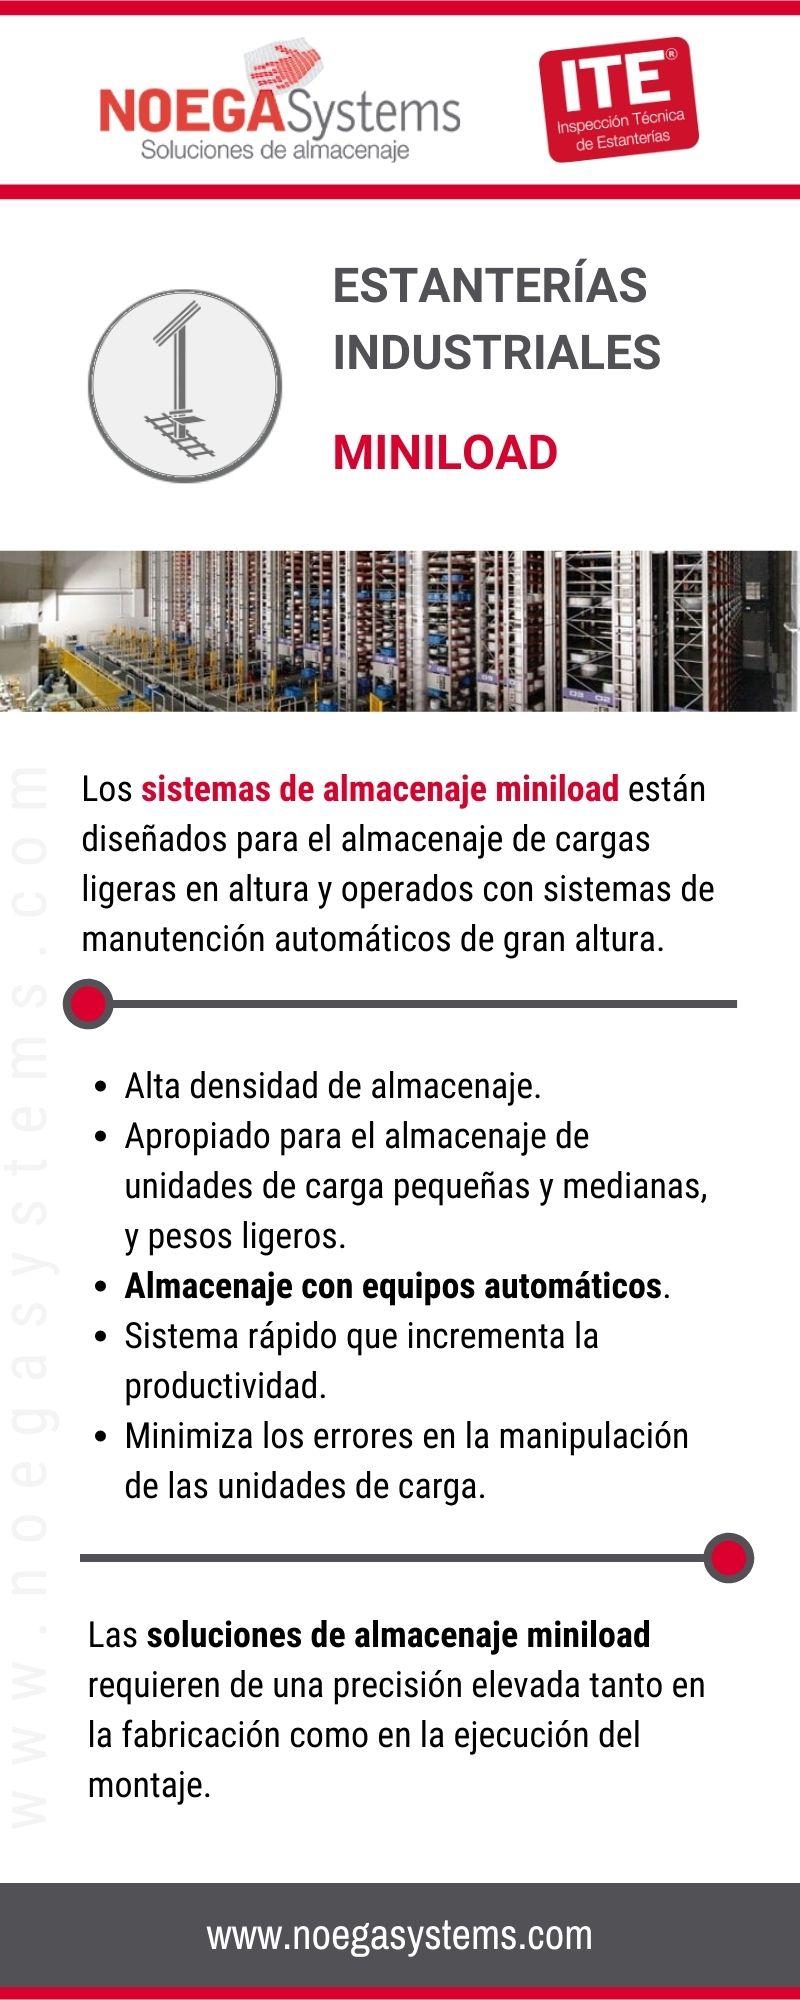 Infografía Estanterías Industriales: Miniload